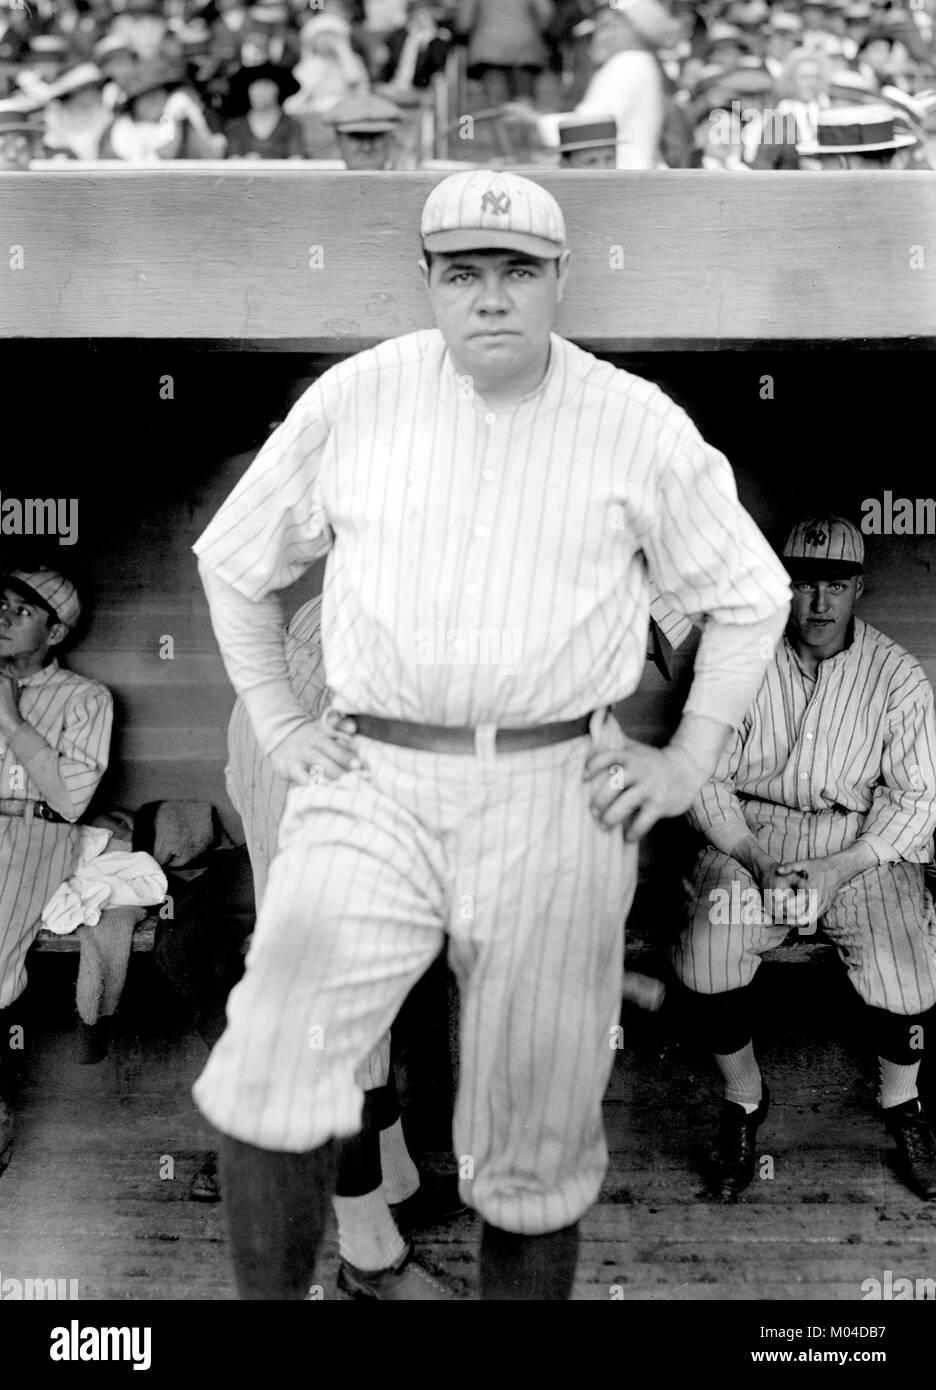 Babe Ruth. Le joueur de baseball américain George Herman Ruth 'Babe' Jr (1895-1948), jouant pour les Photo Stock